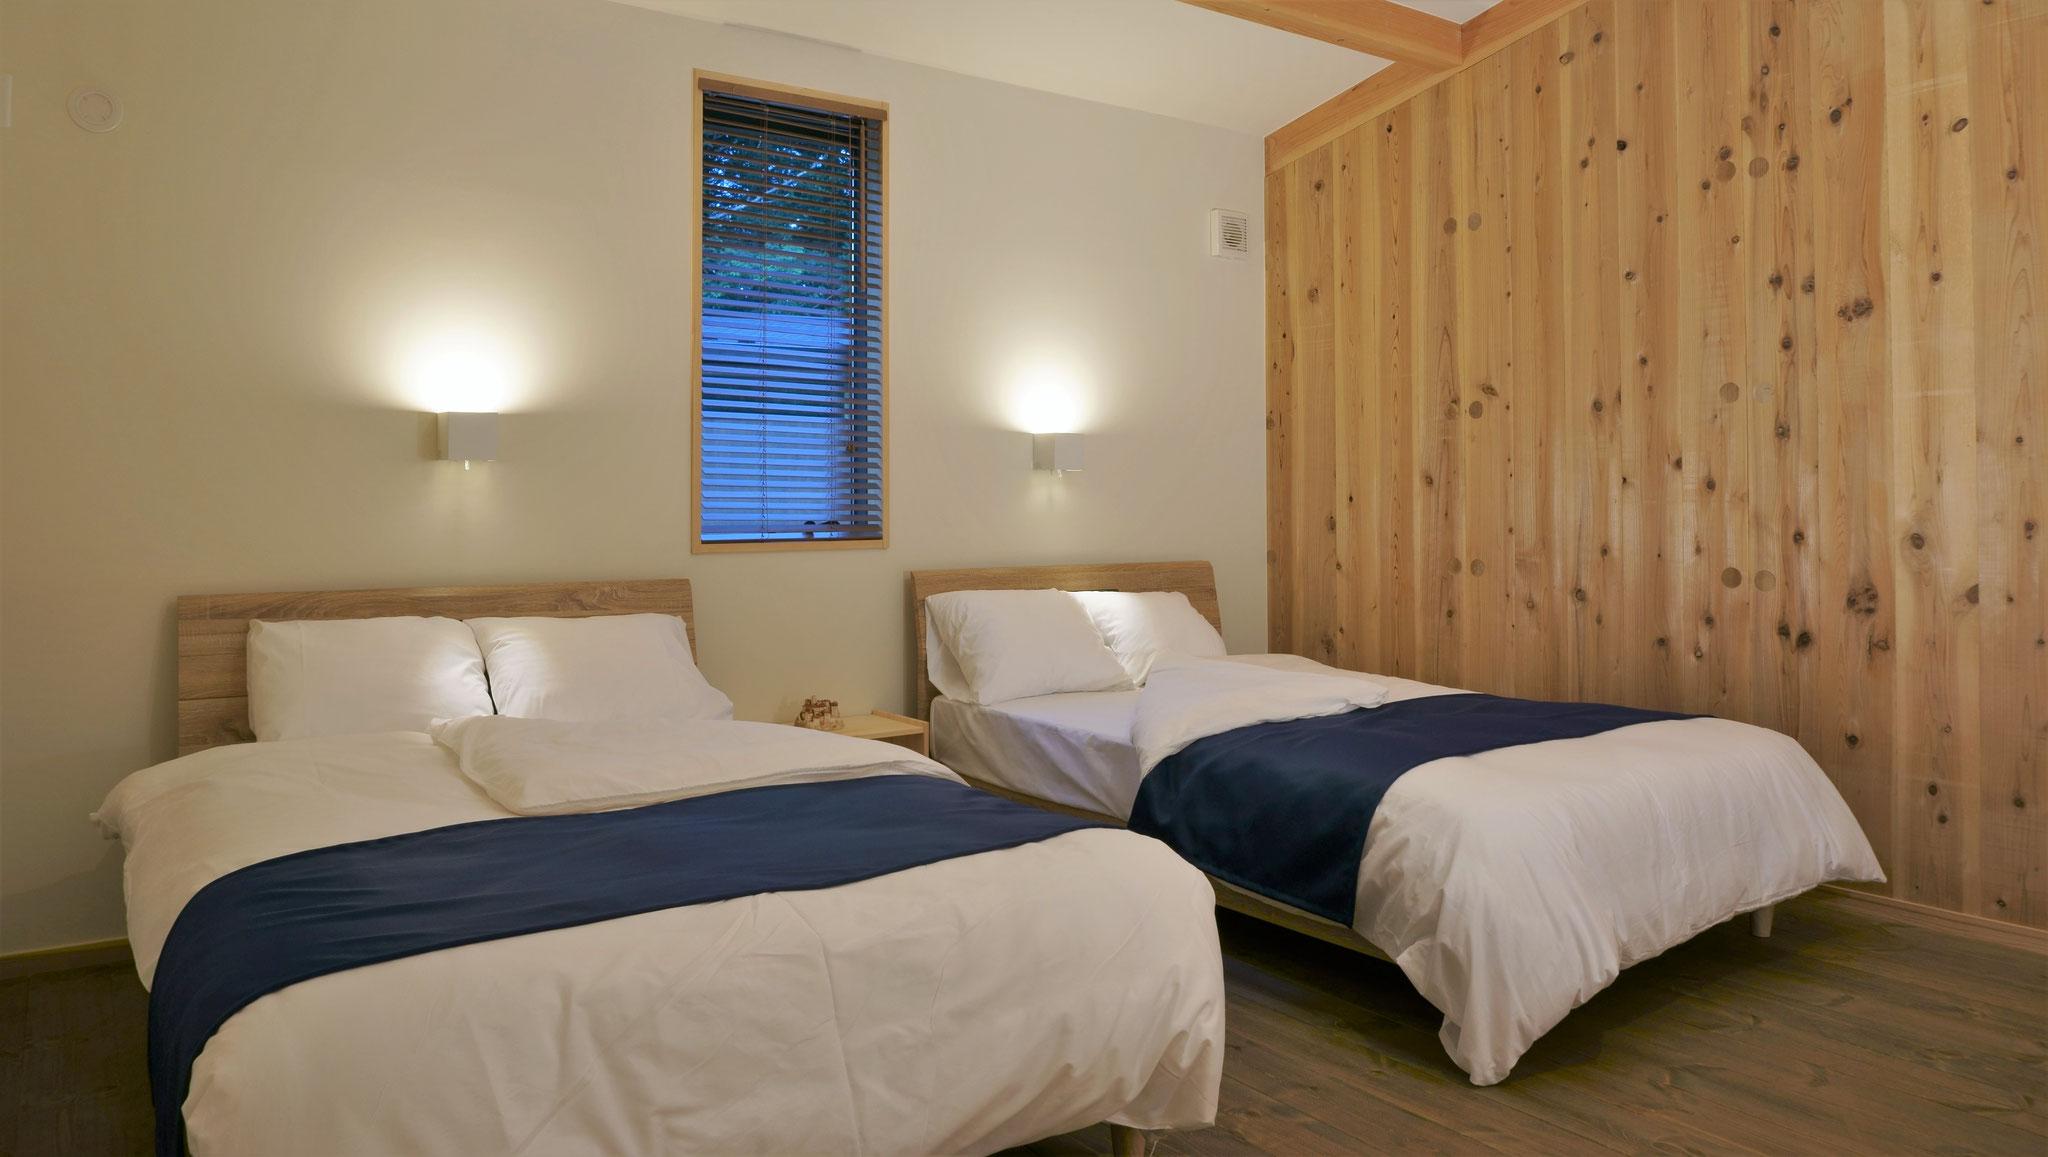 2人部屋 セミダブル Semi-double bed for Twin suites.